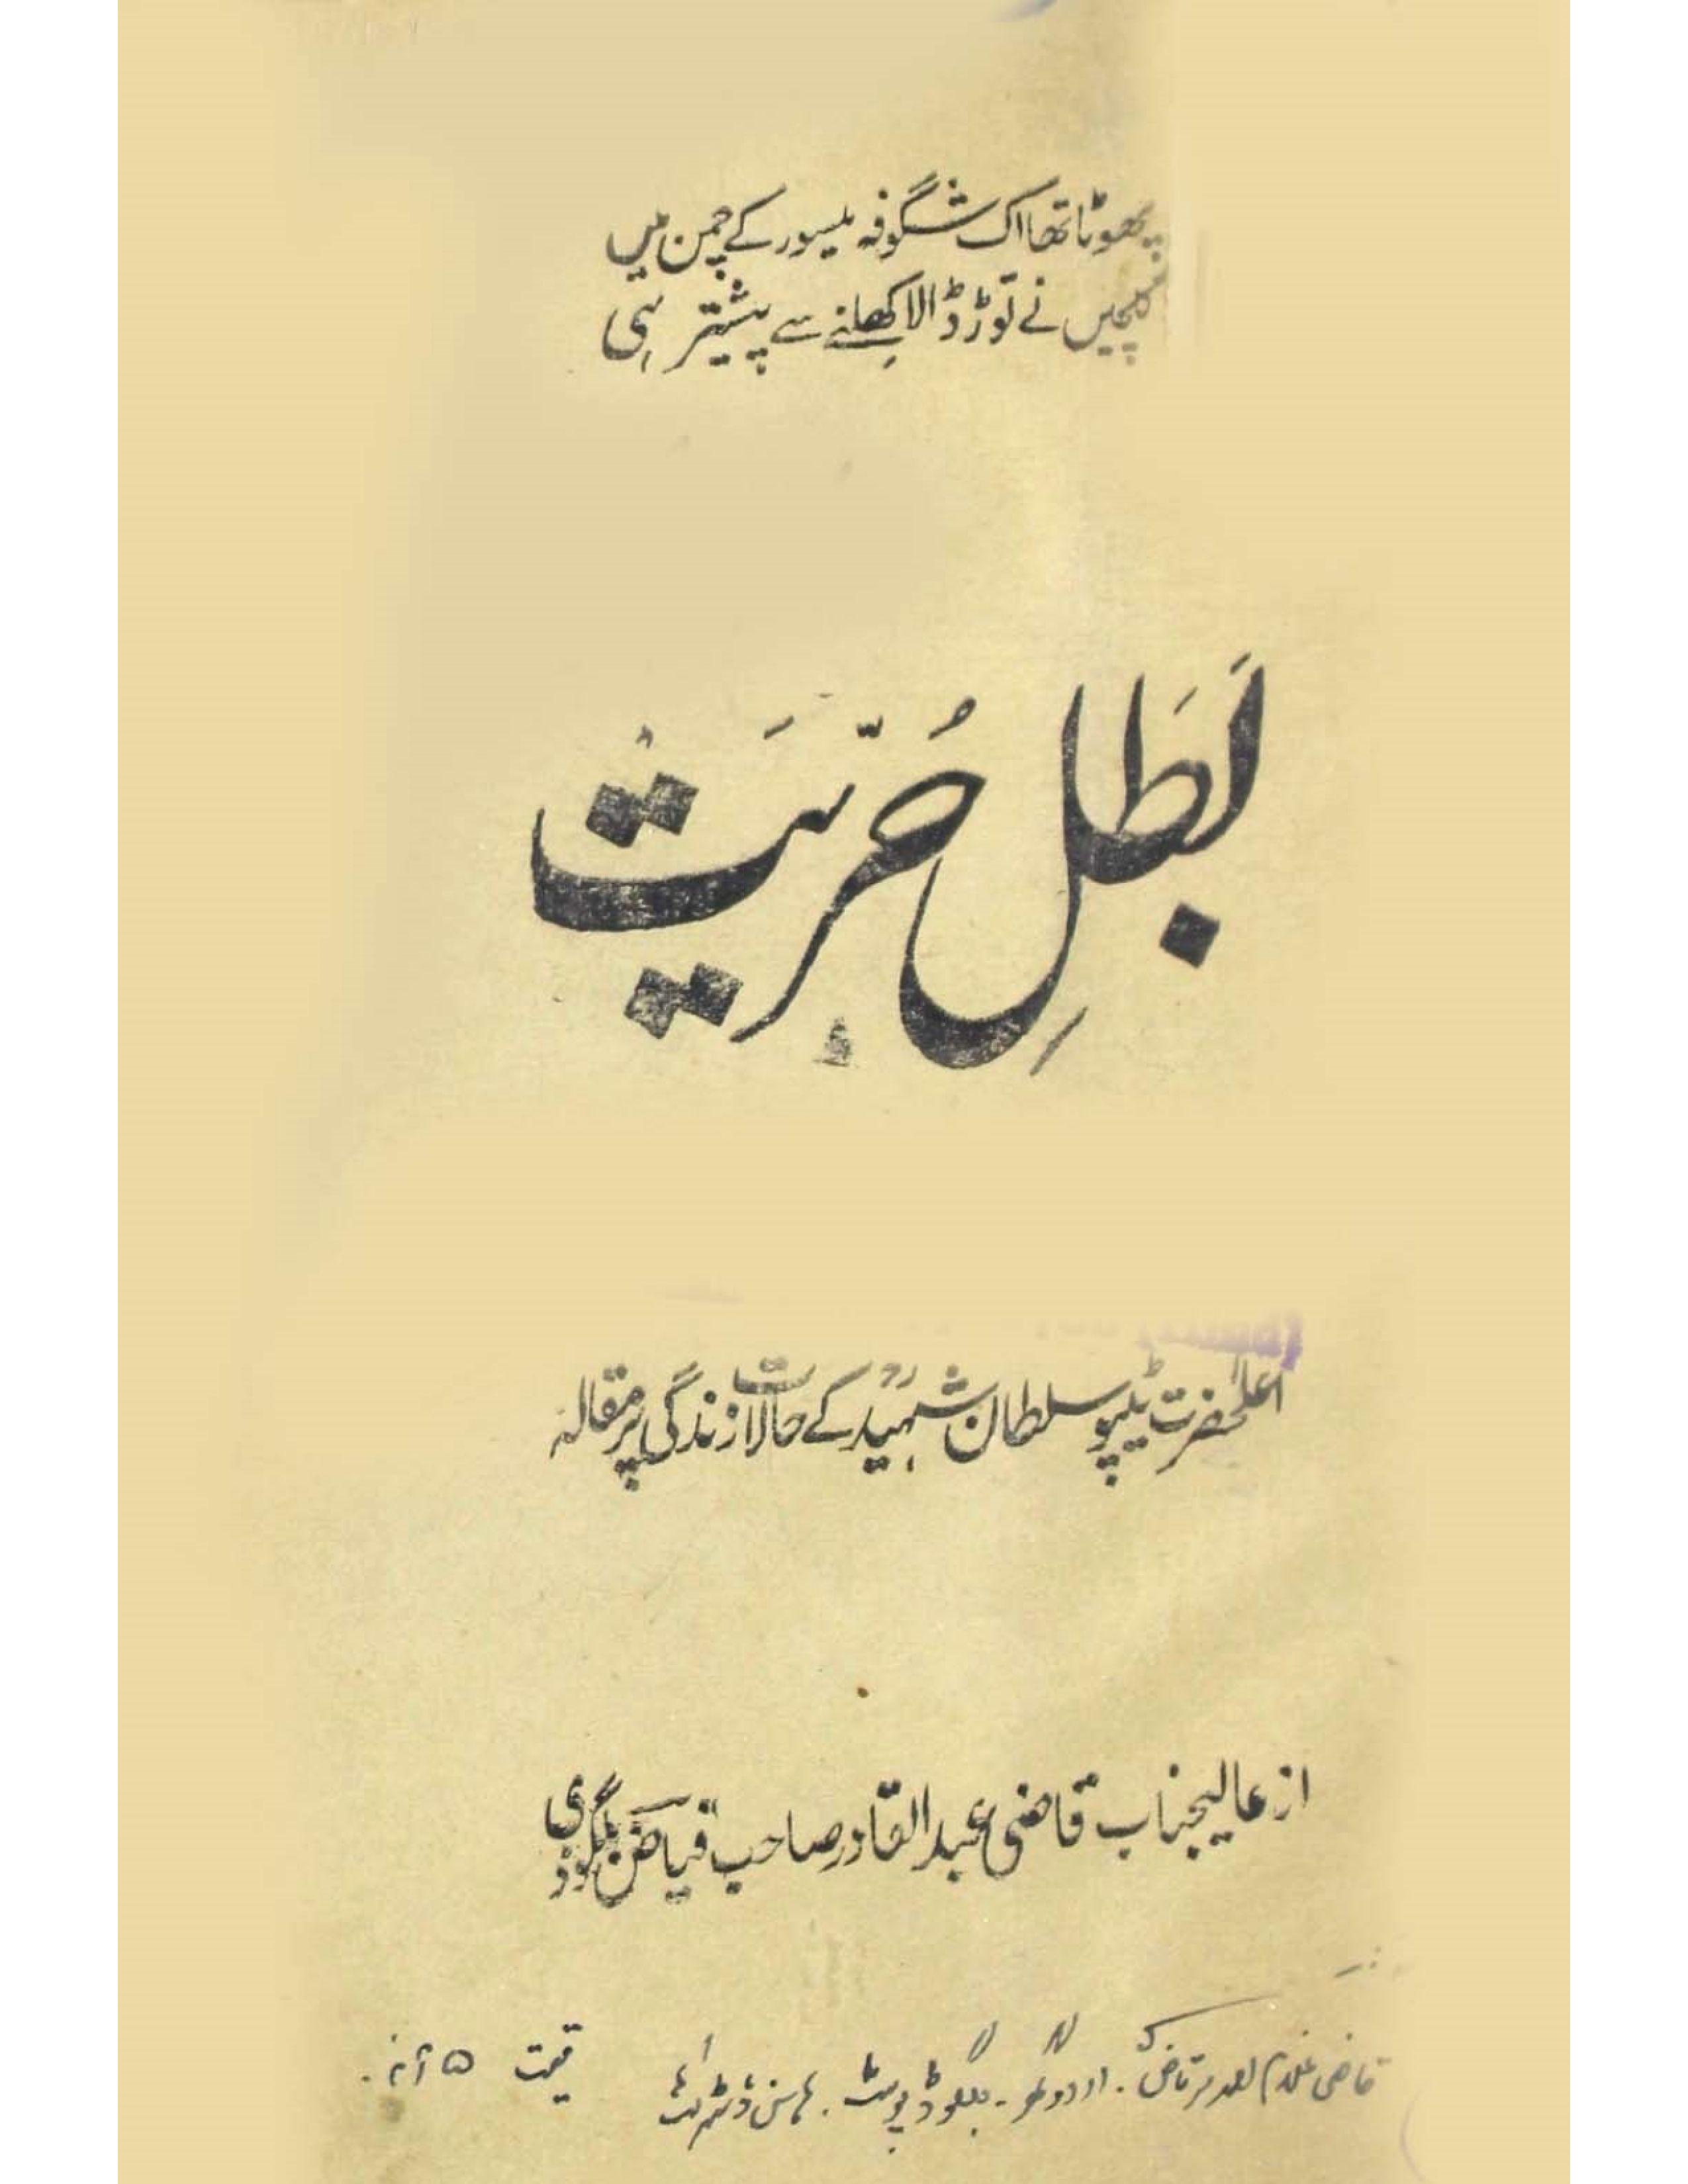 Batal-e-Hurriyat